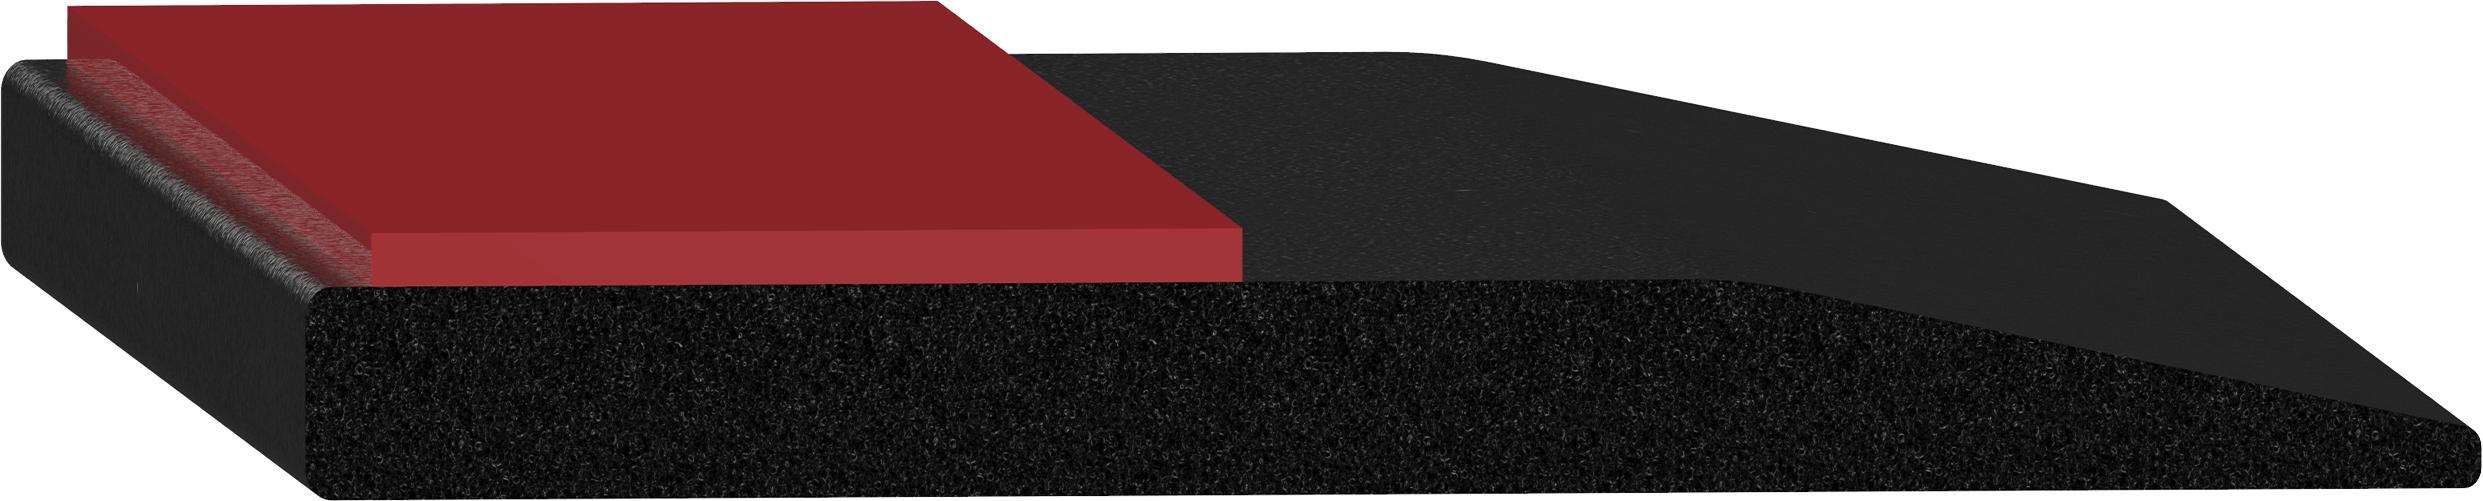 Uni-Grip part: TH-250-T